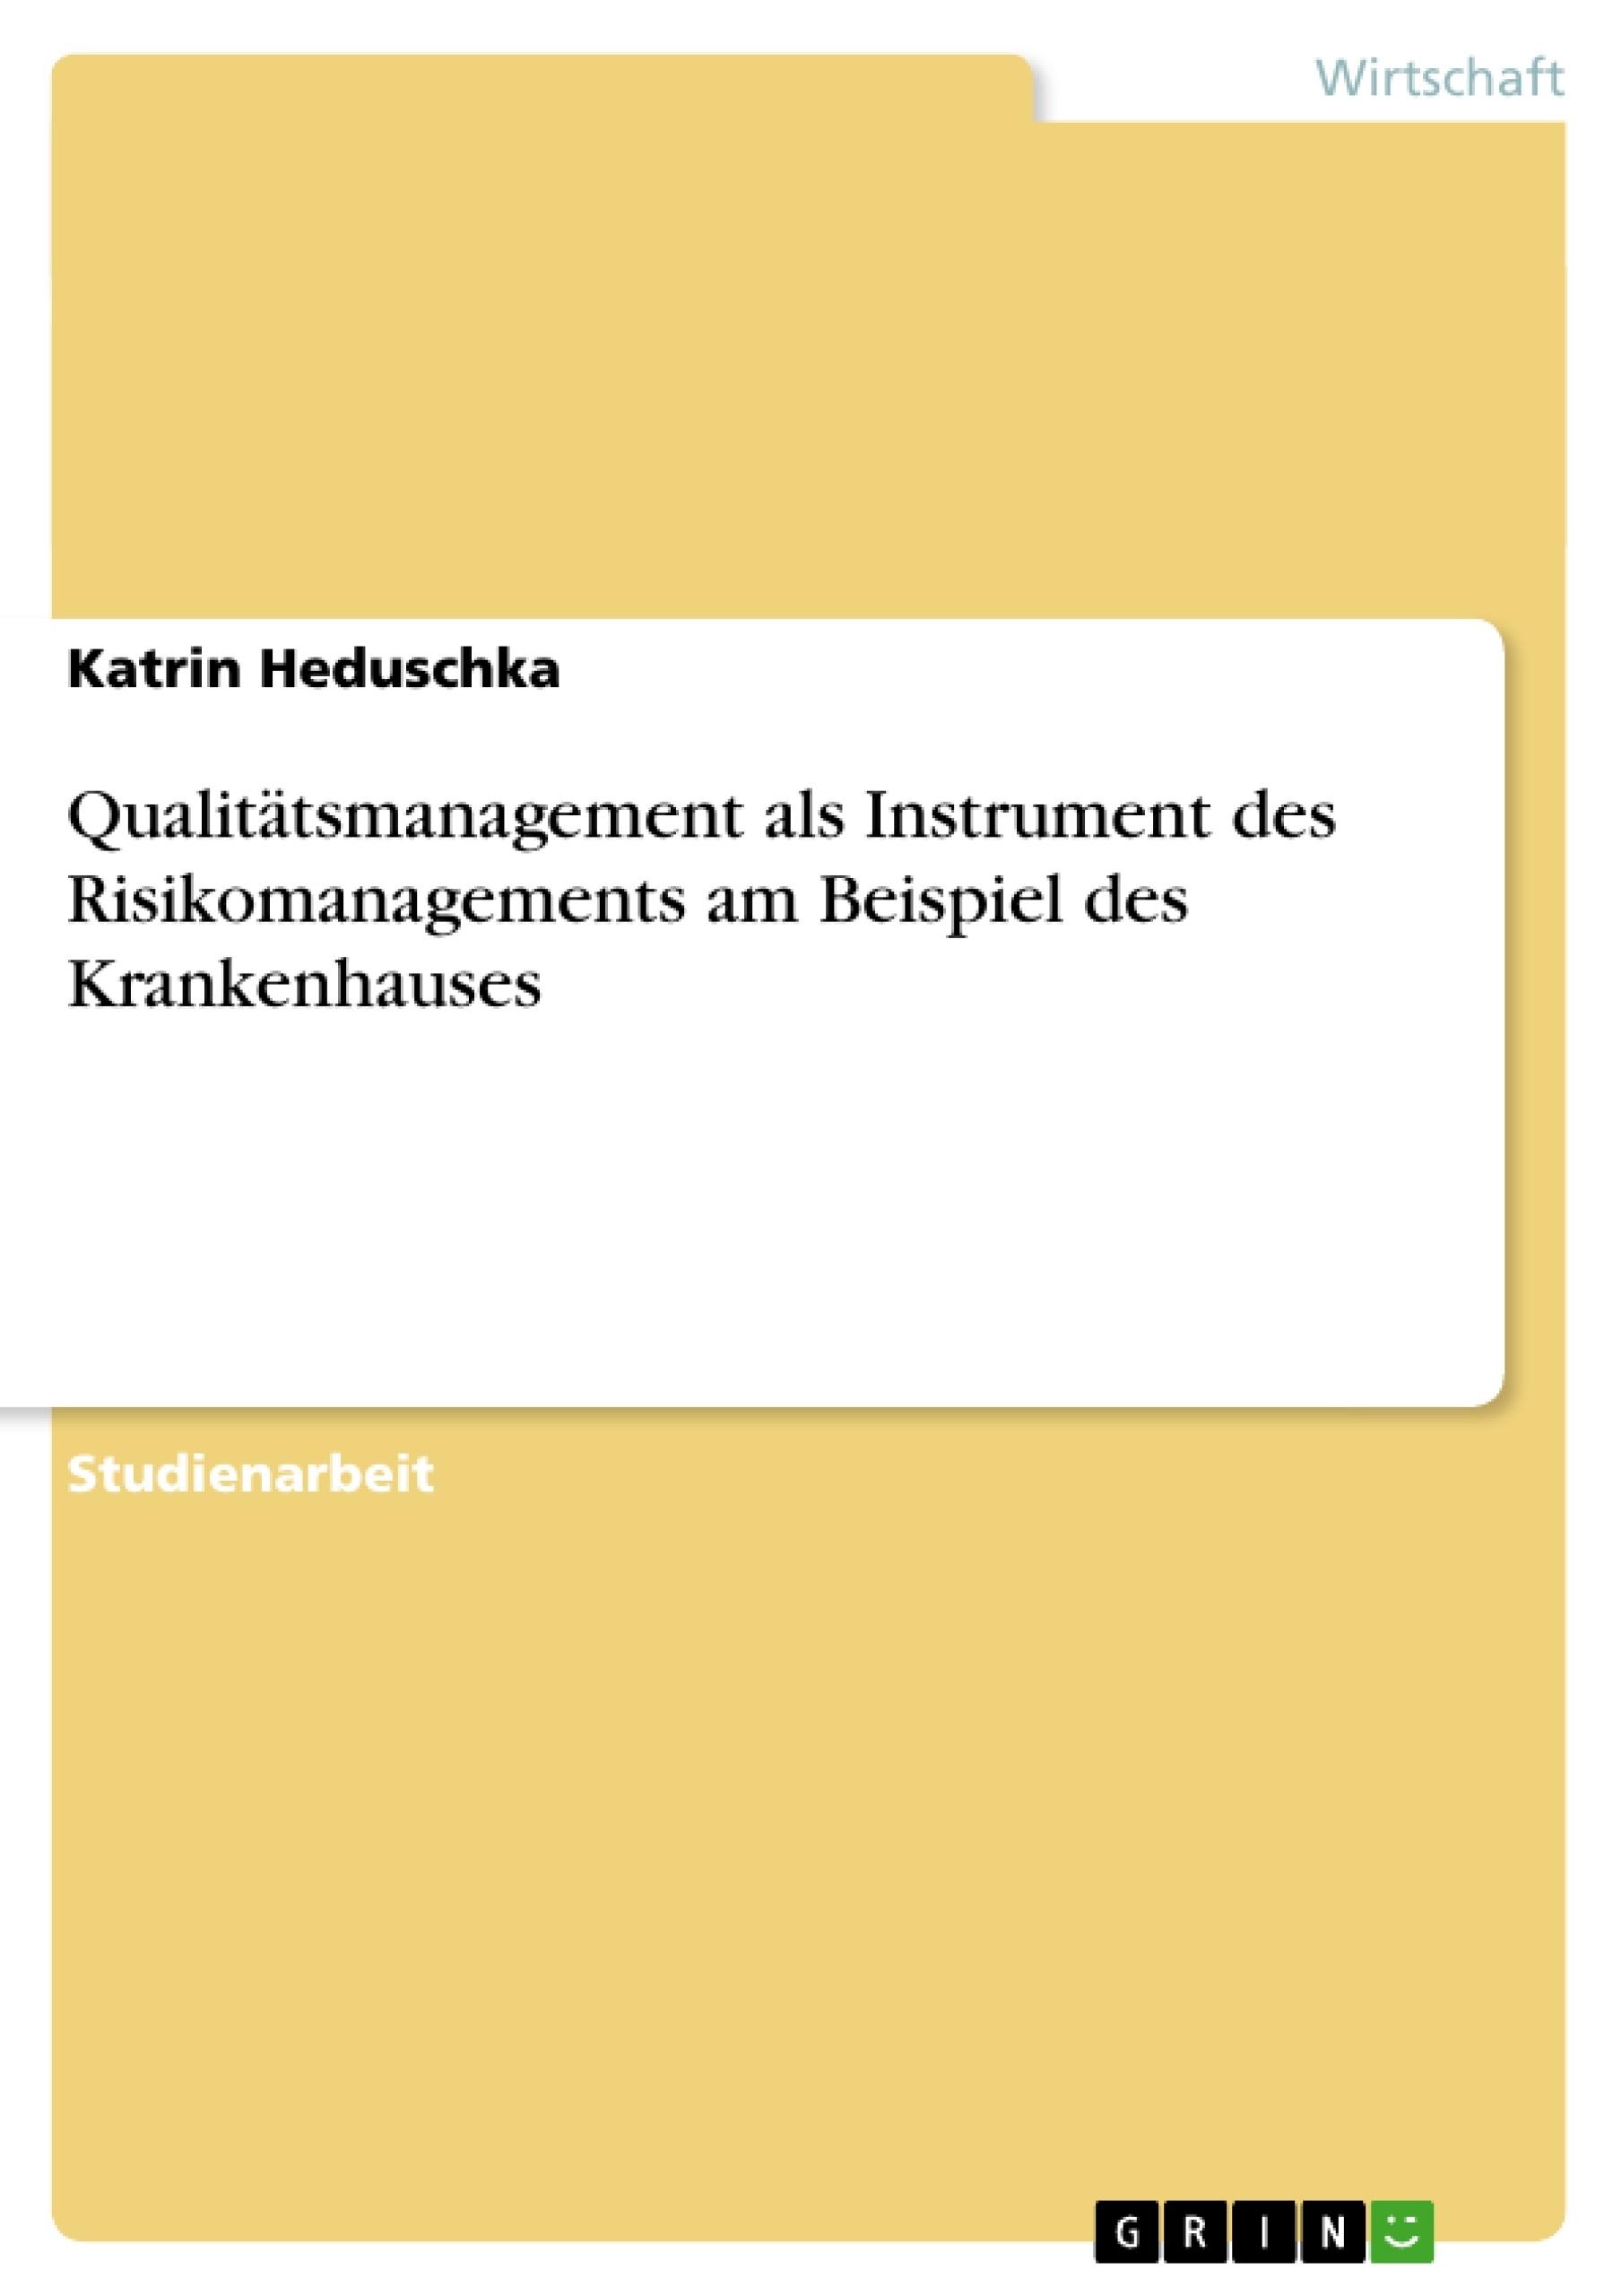 Titel: Qualitätsmanagement als Instrument des Risikomanagements am Beispiel des Krankenhauses